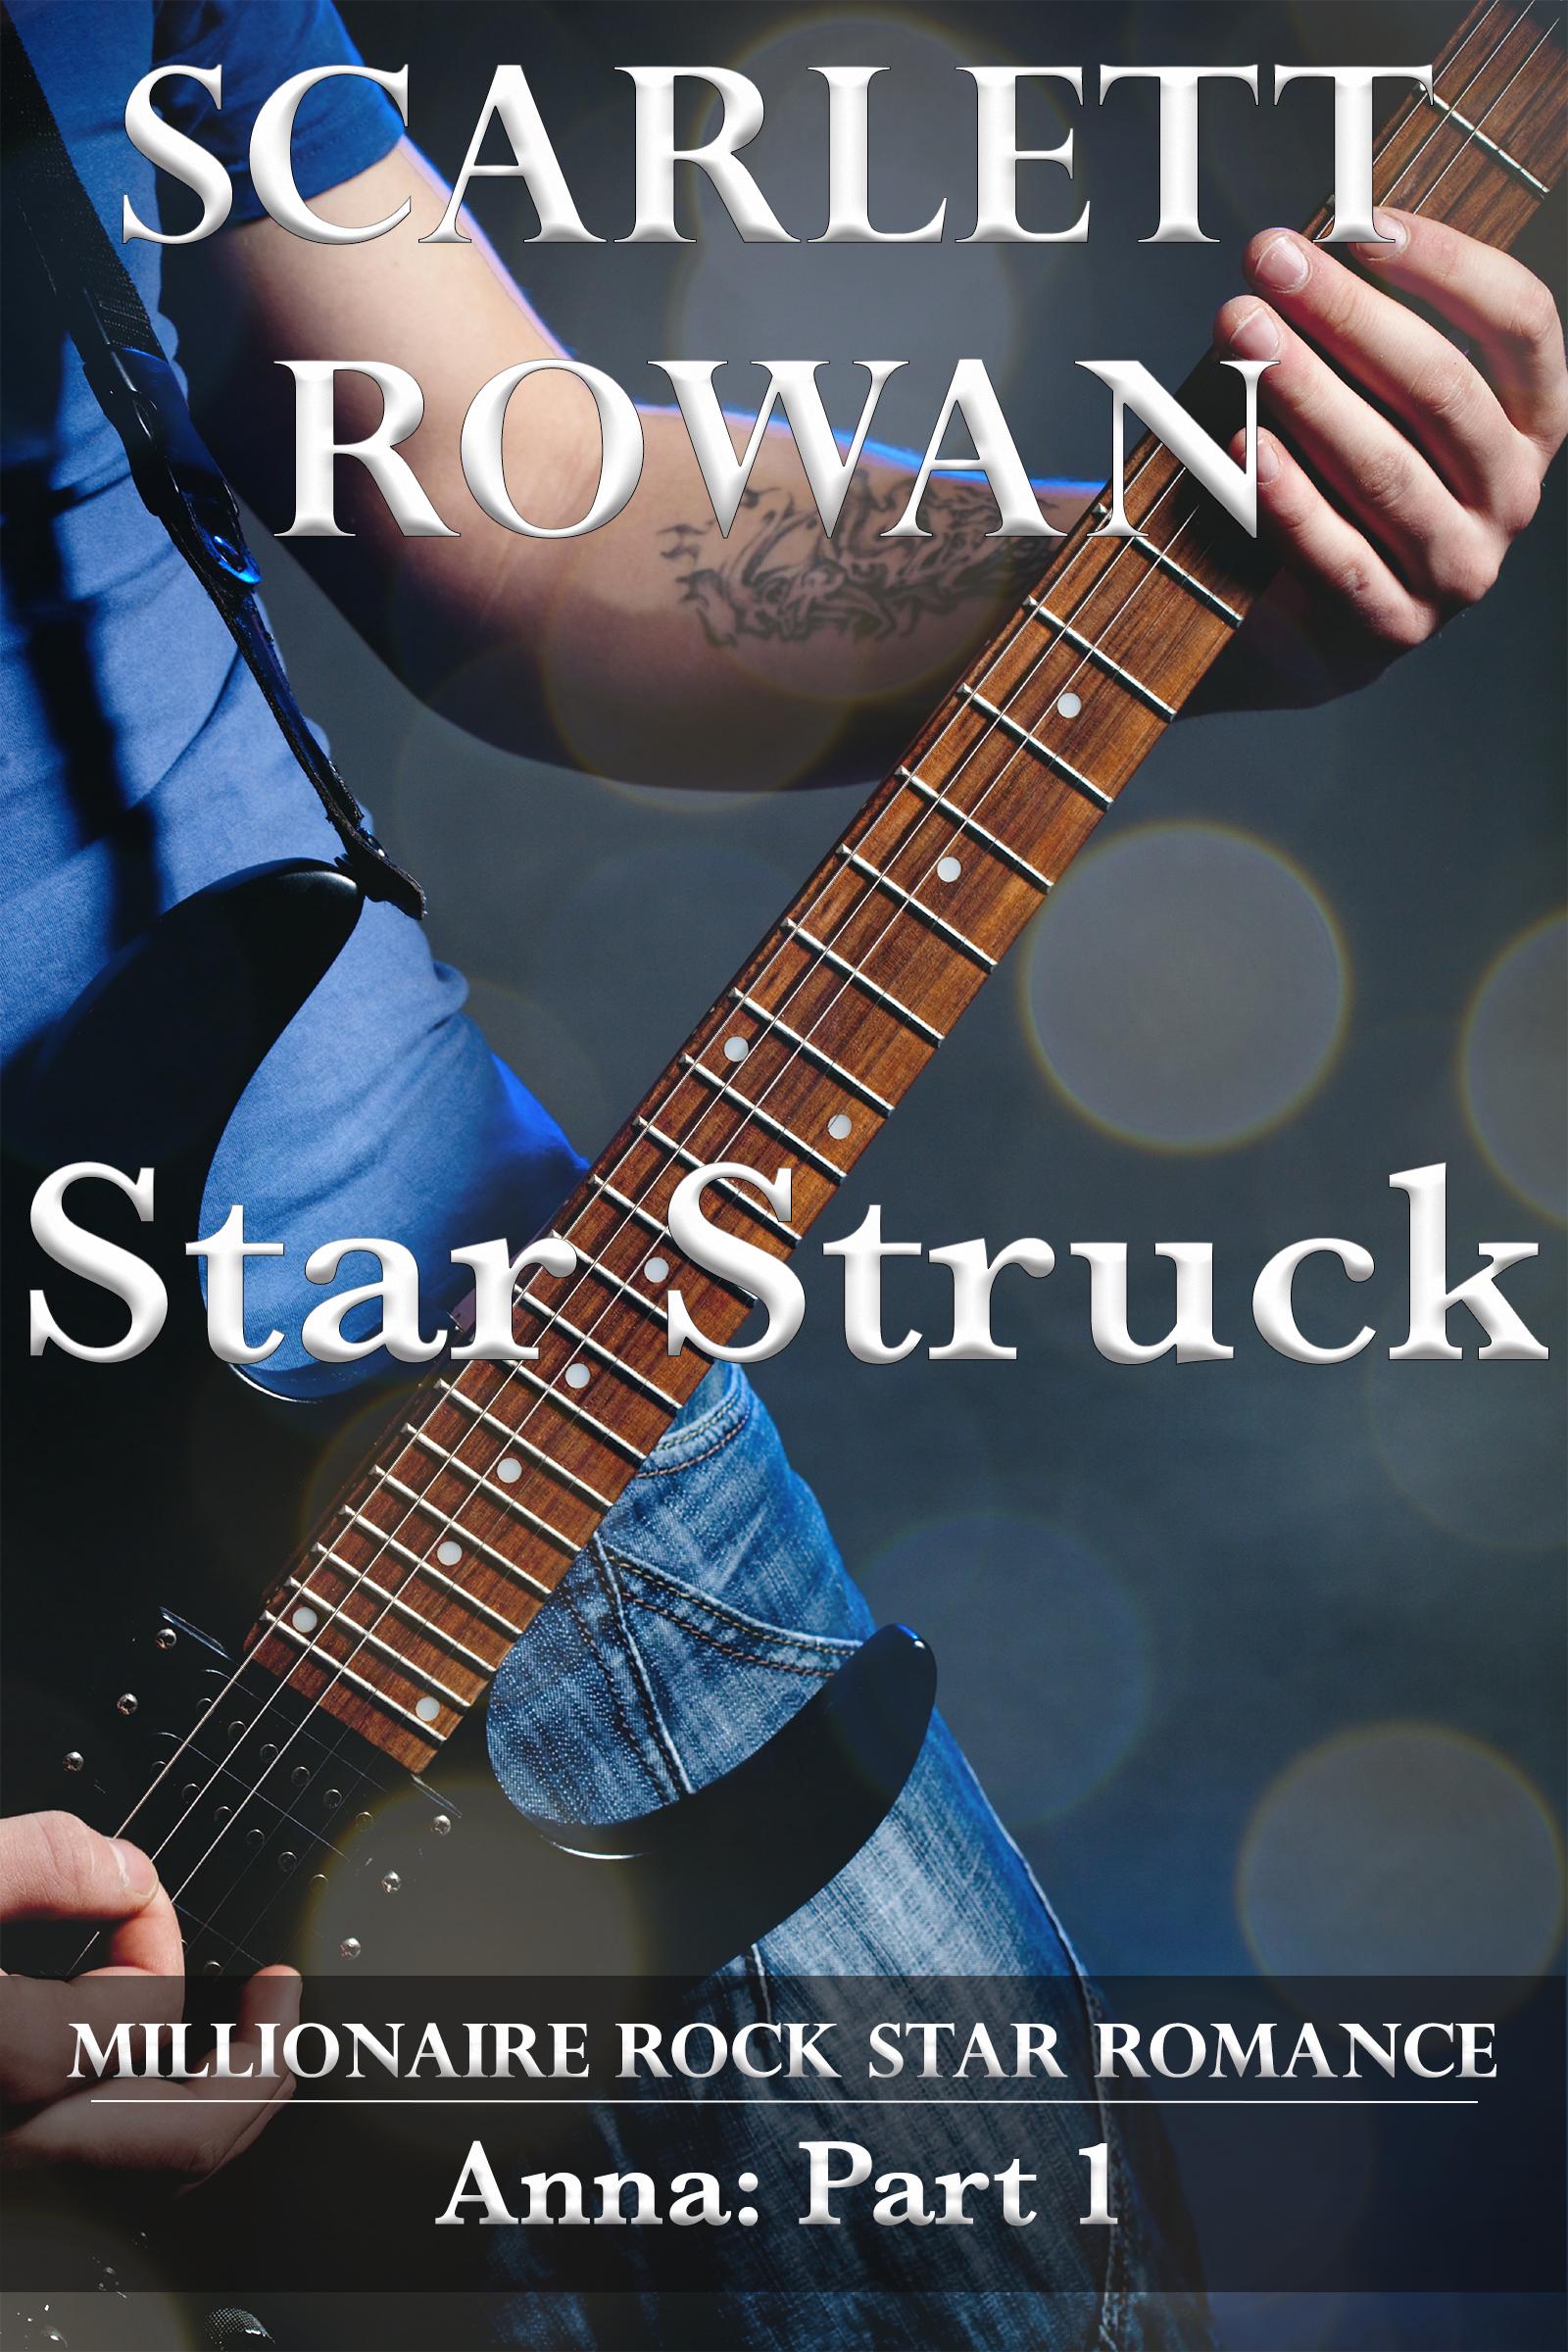 #New Release: Star Struck: Millionaire Rock Star Romance by Scarlett Rowan